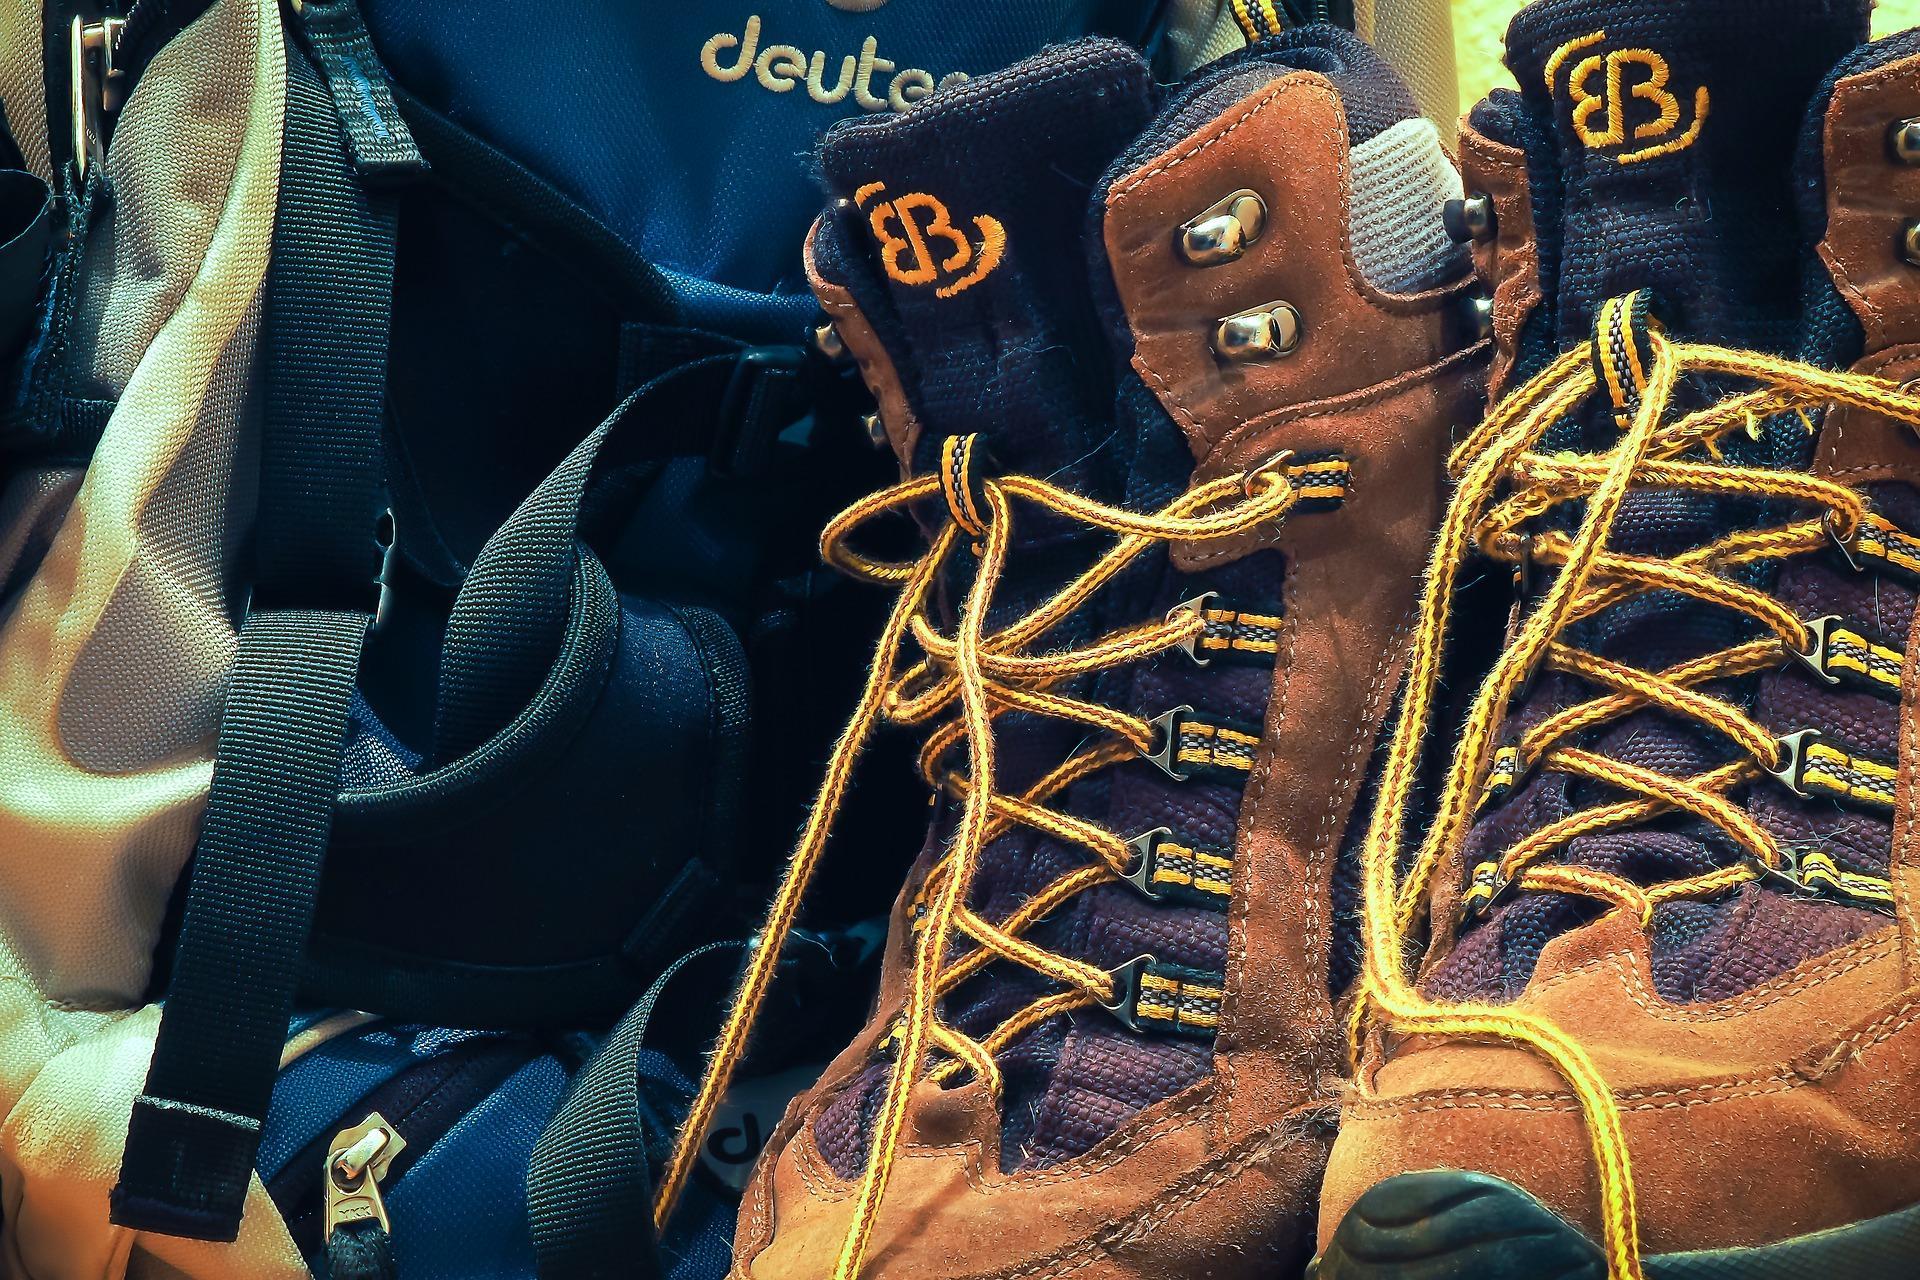 初心者におすすめ!ミドルカットで履きやすい登山靴を紹介